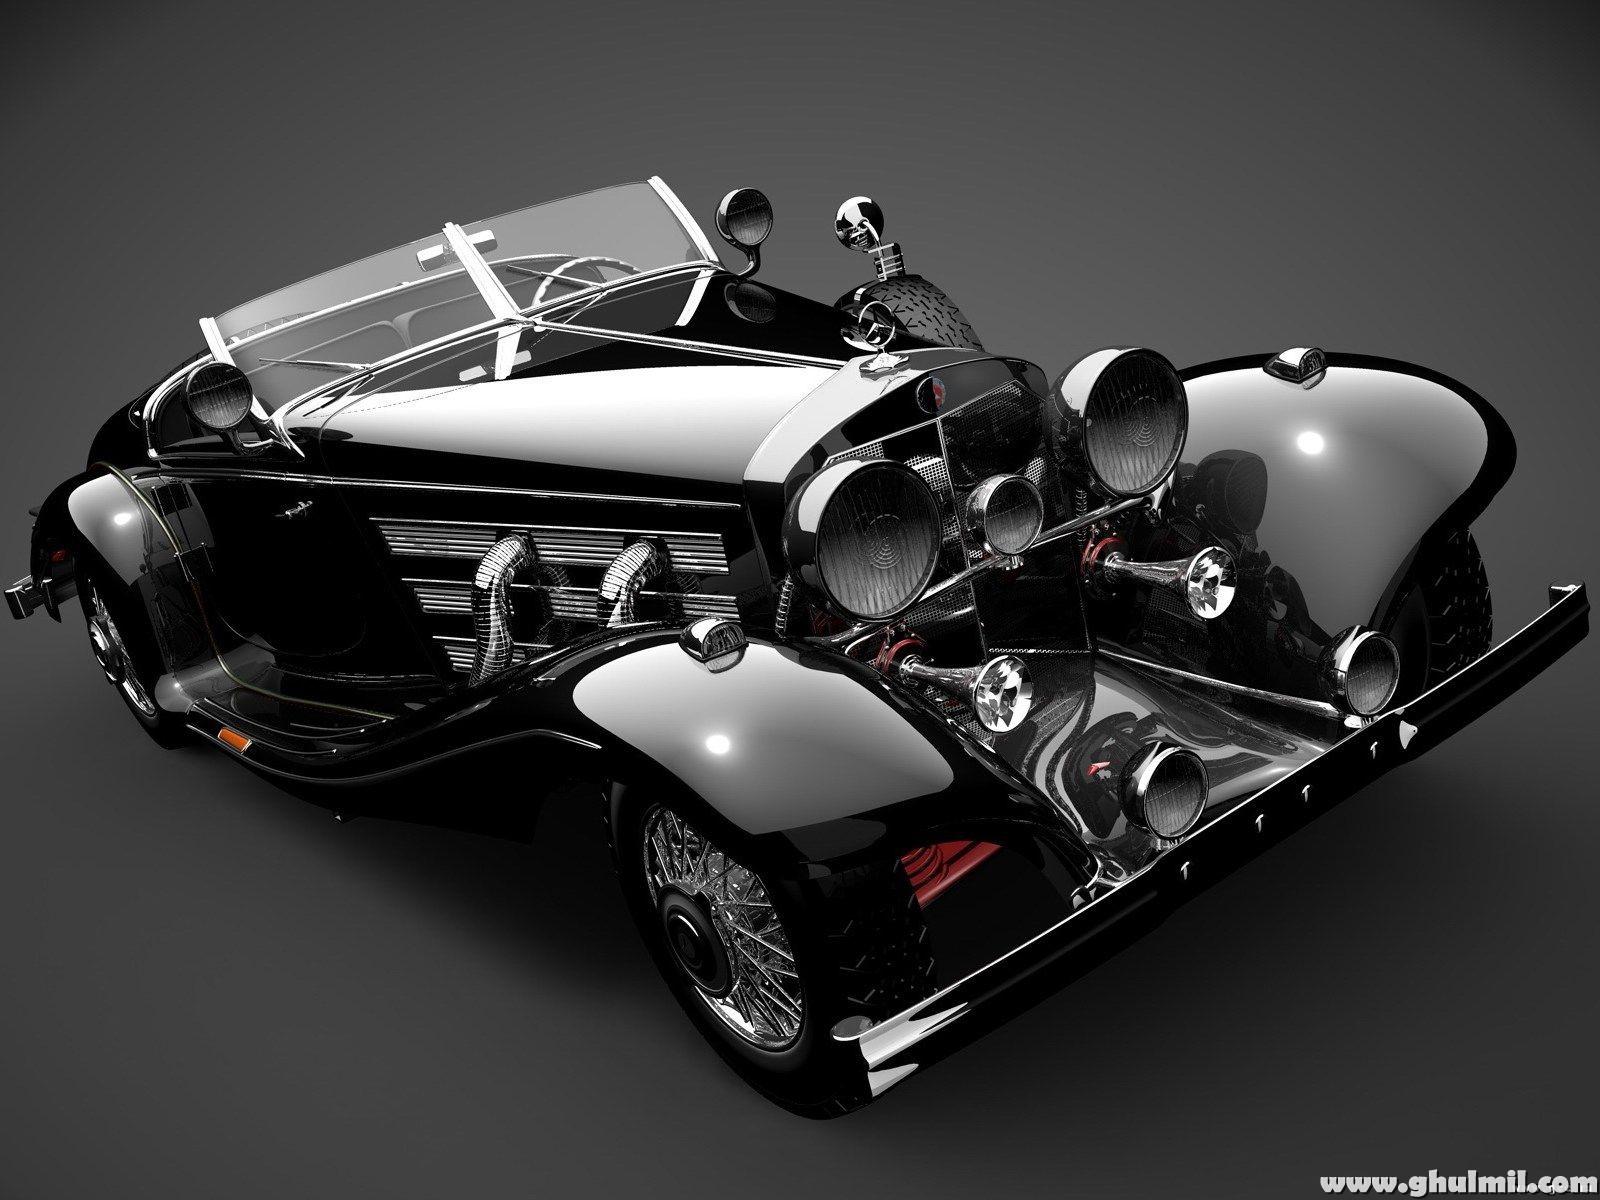 latest high resolution hd car 2